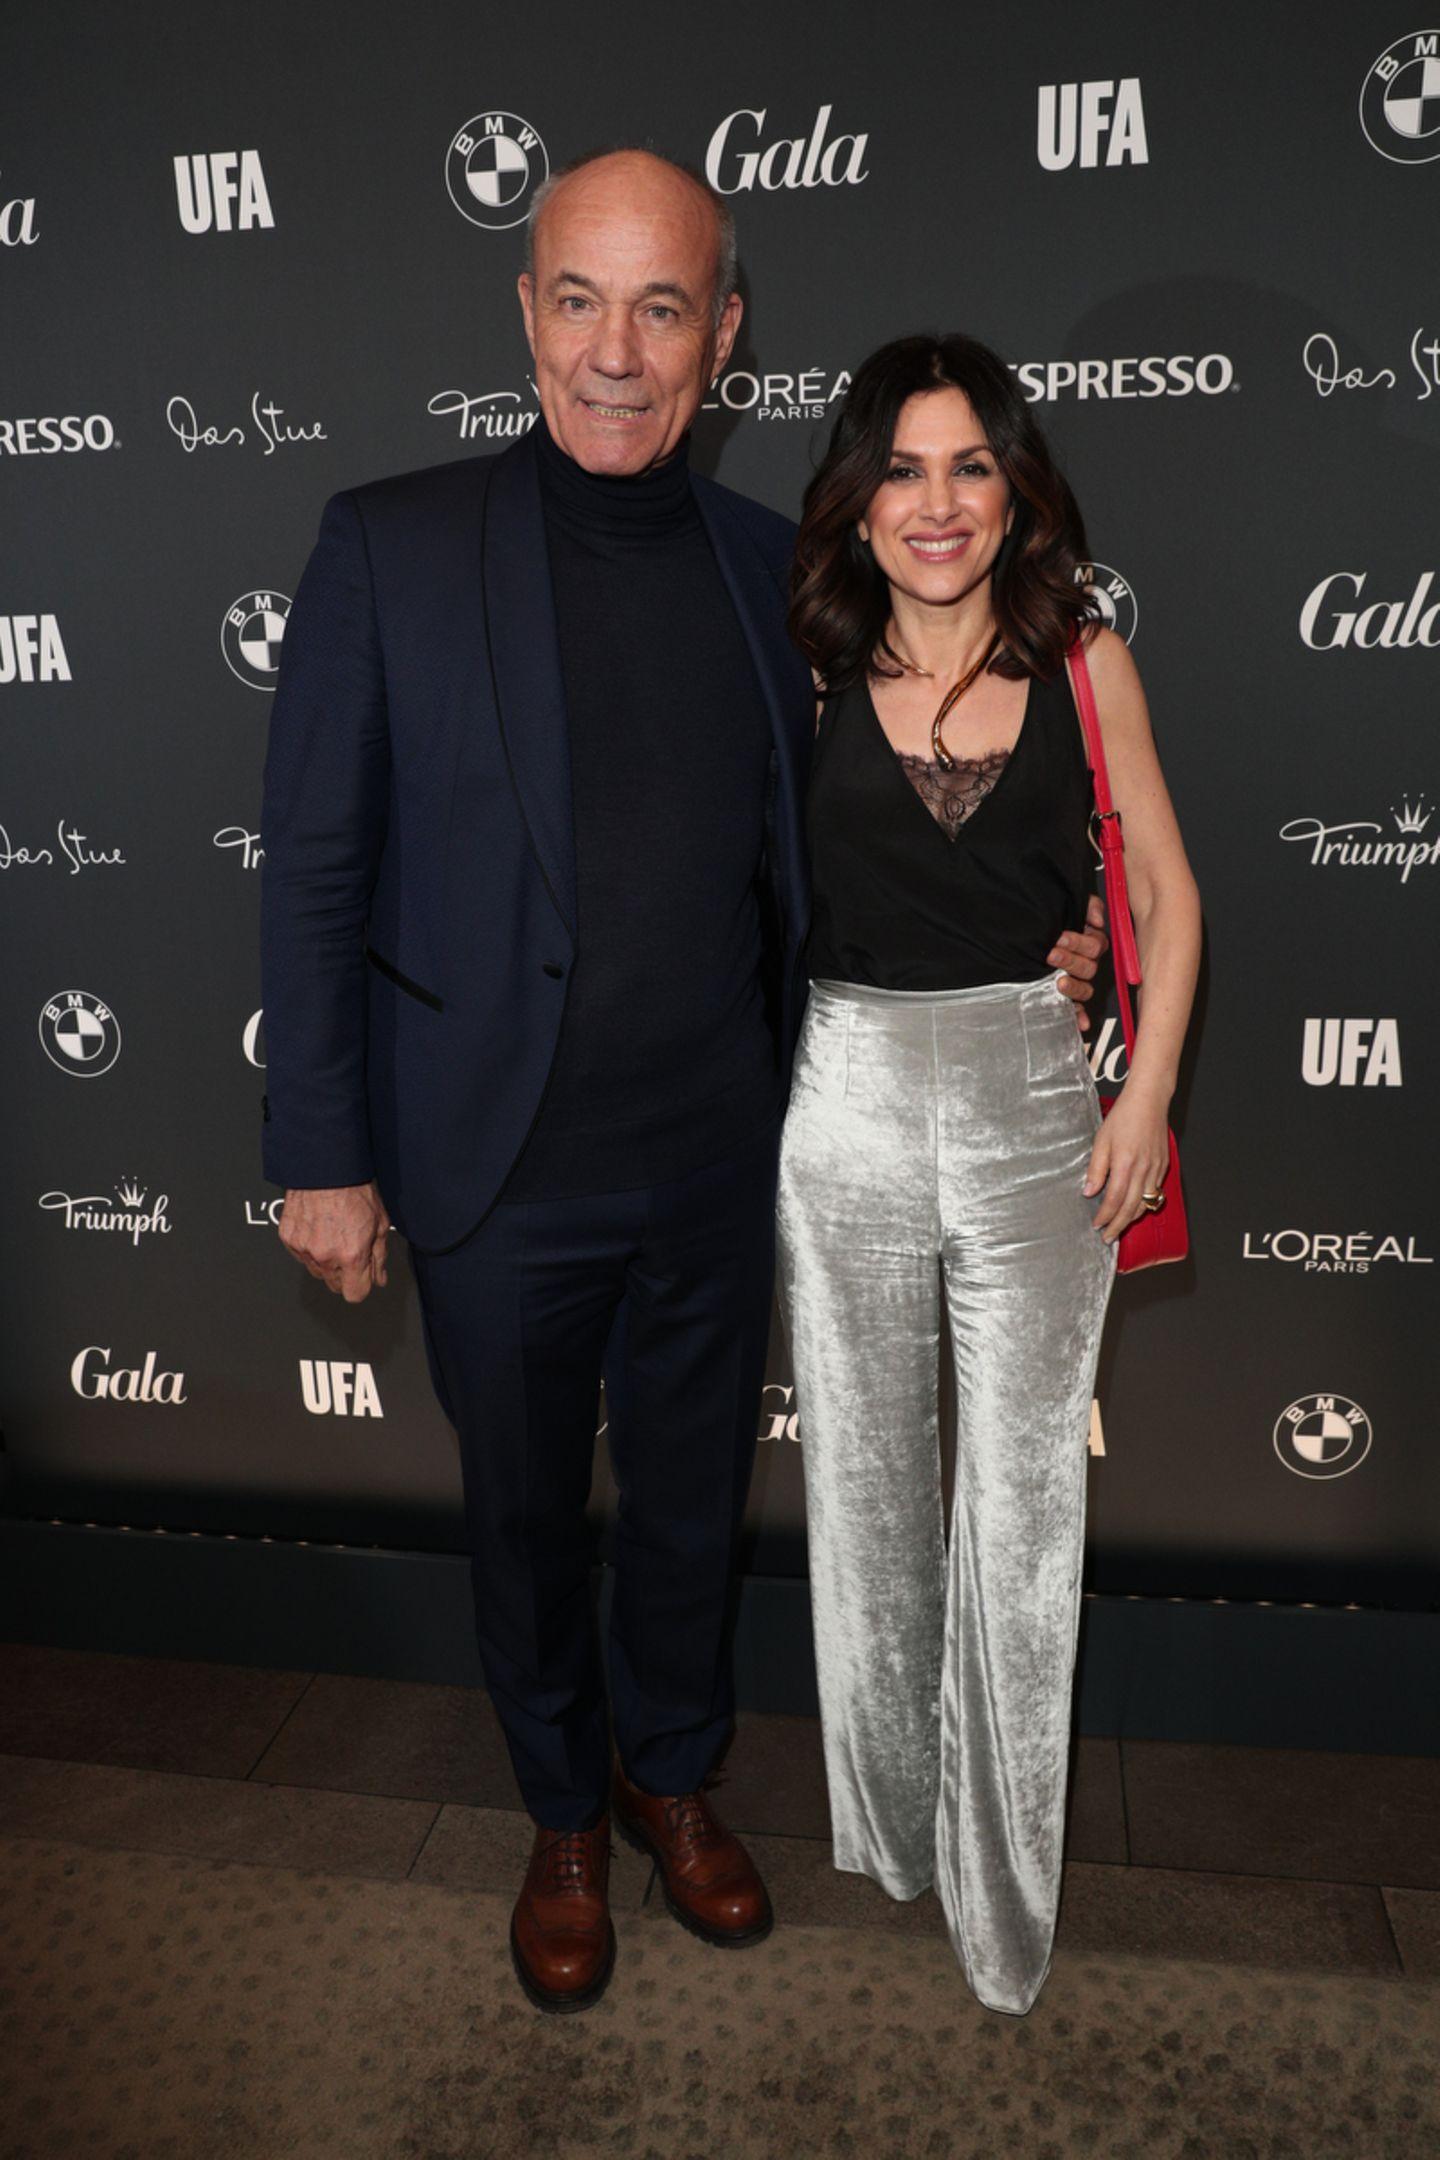 Heiner Lauterbach kommt mit seiner Frau Viktoria zur Veranstaltung.